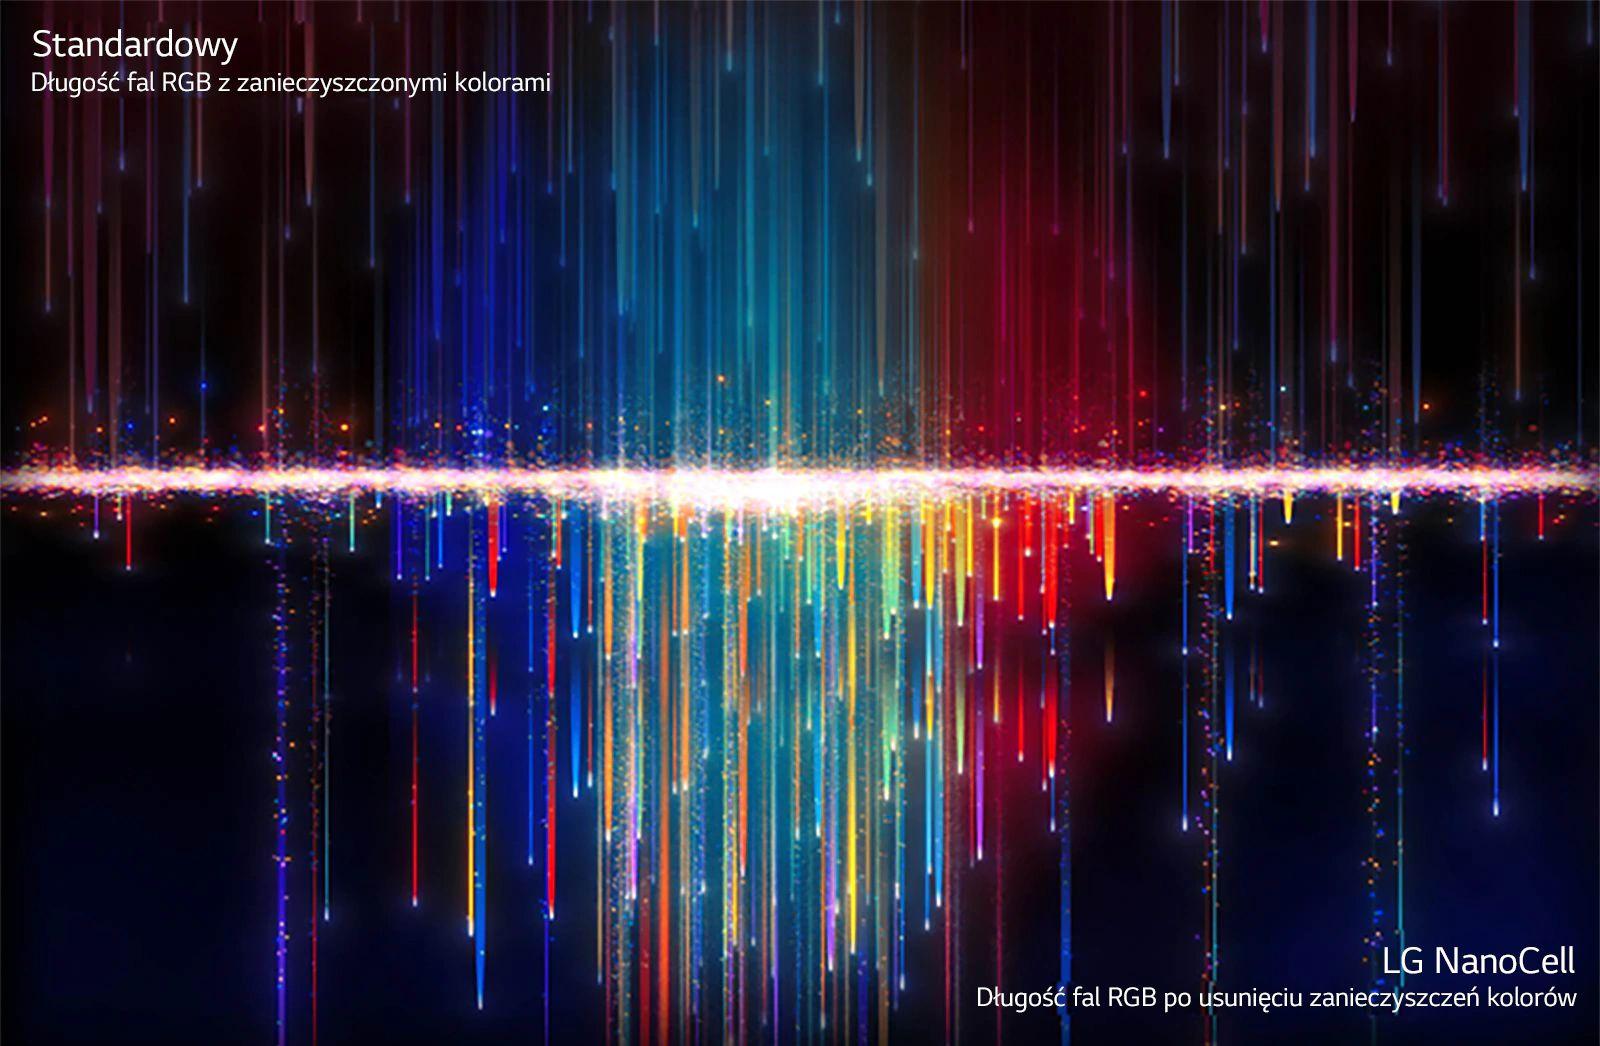 Üleval ebapuhtad värvid, mida nähakse tavalises teleris, need läbivad NanoCell-filtrid, et luua puhtad värvid allpool (esita video).